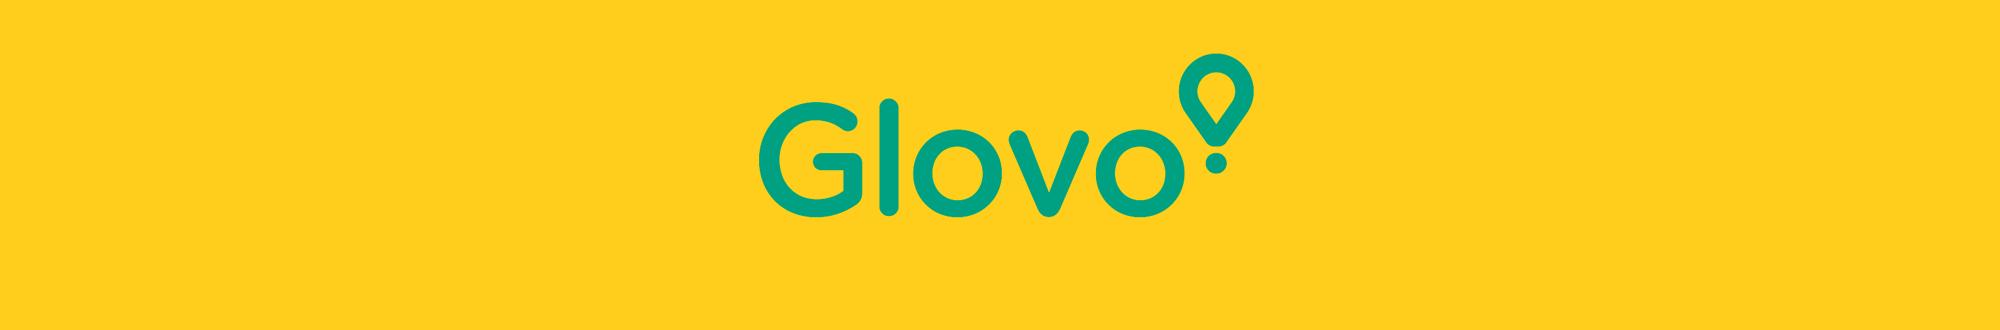 Aplicativos de Delivery: Glovo